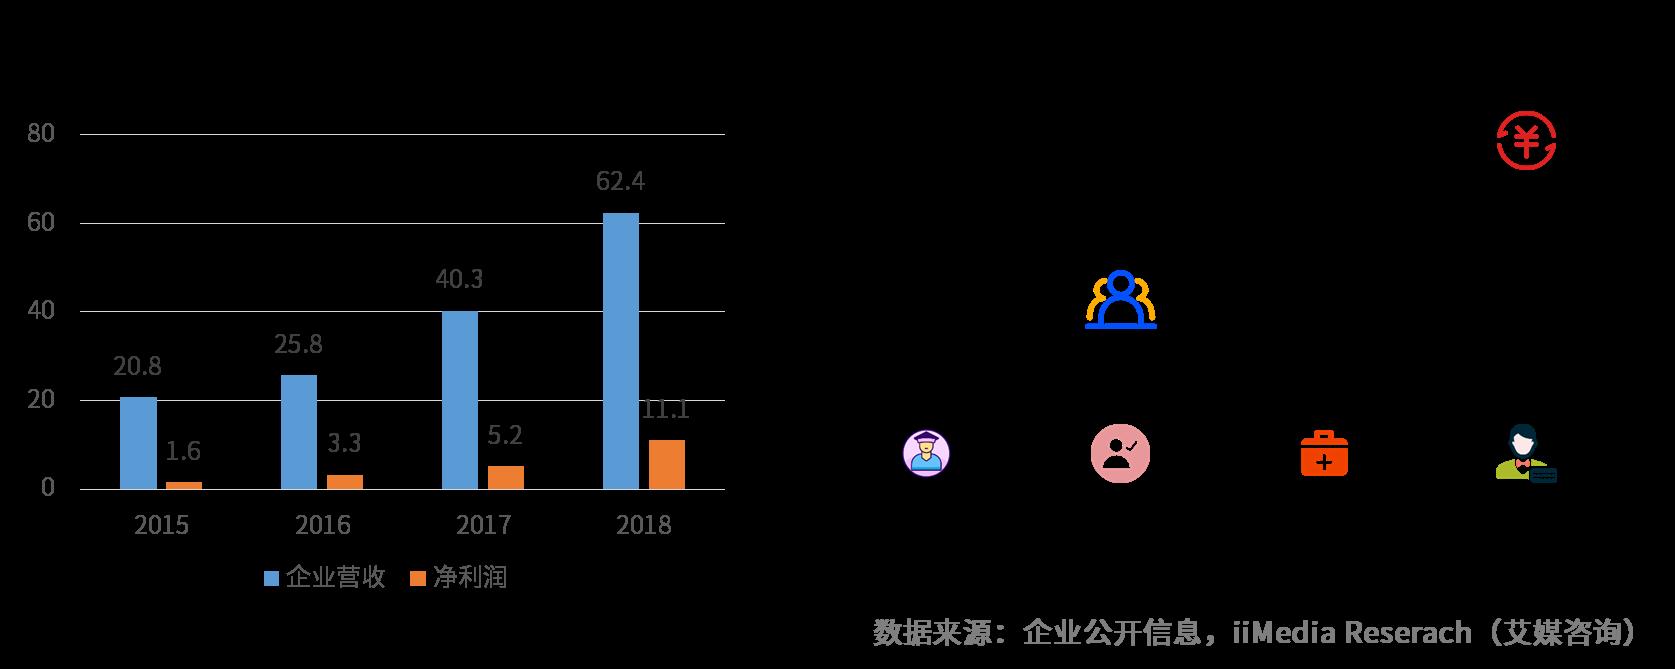 2015-2018中公教育企业营收与净利润